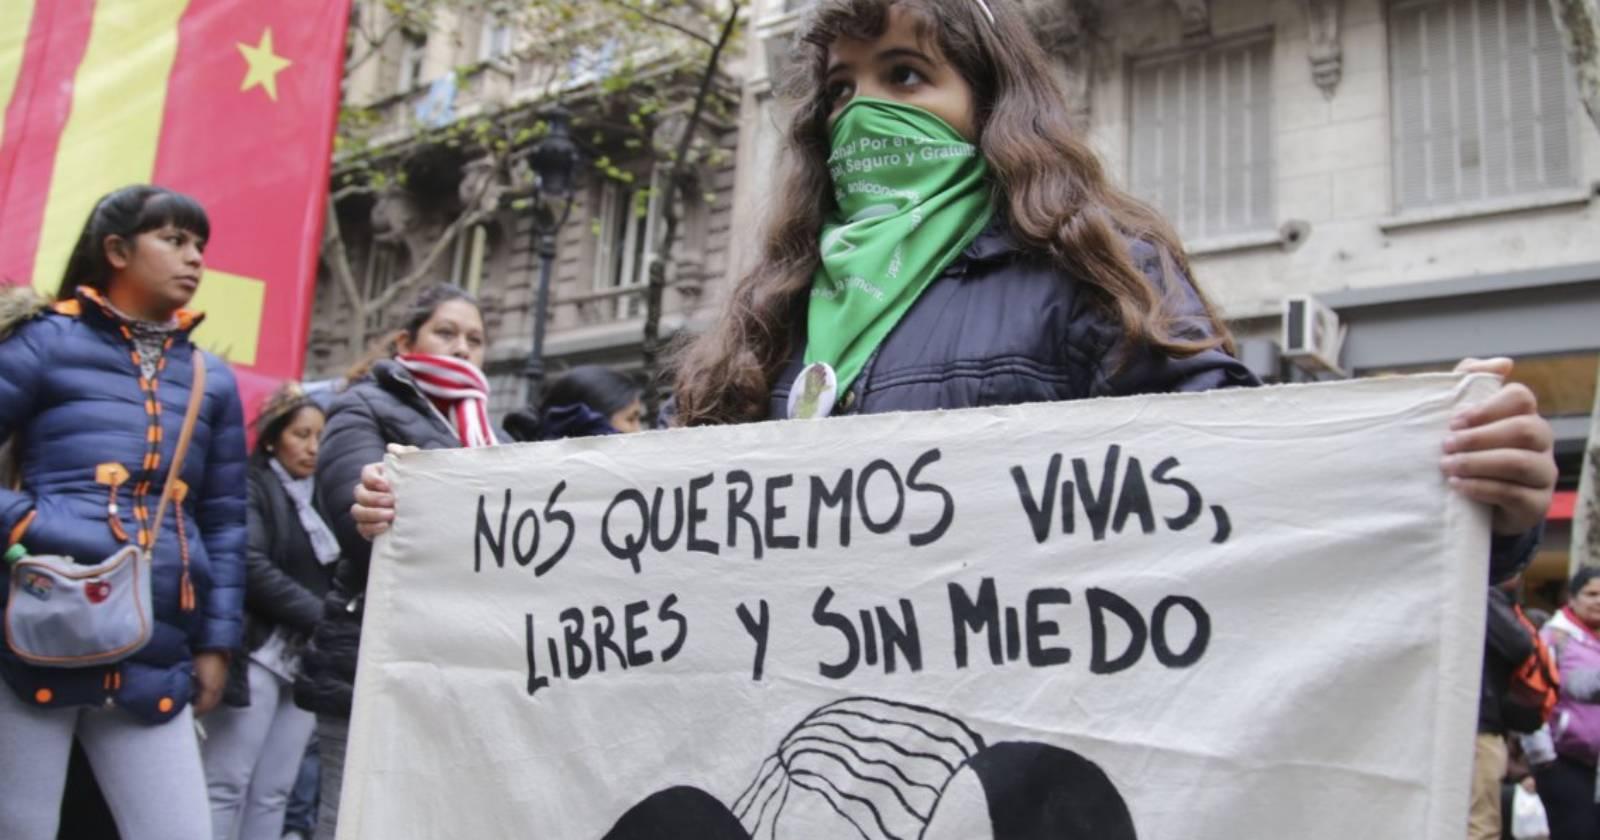 42 femicidios durante cuarentena en Argentina: dos mujeres fueron asesinadas en 24 horas